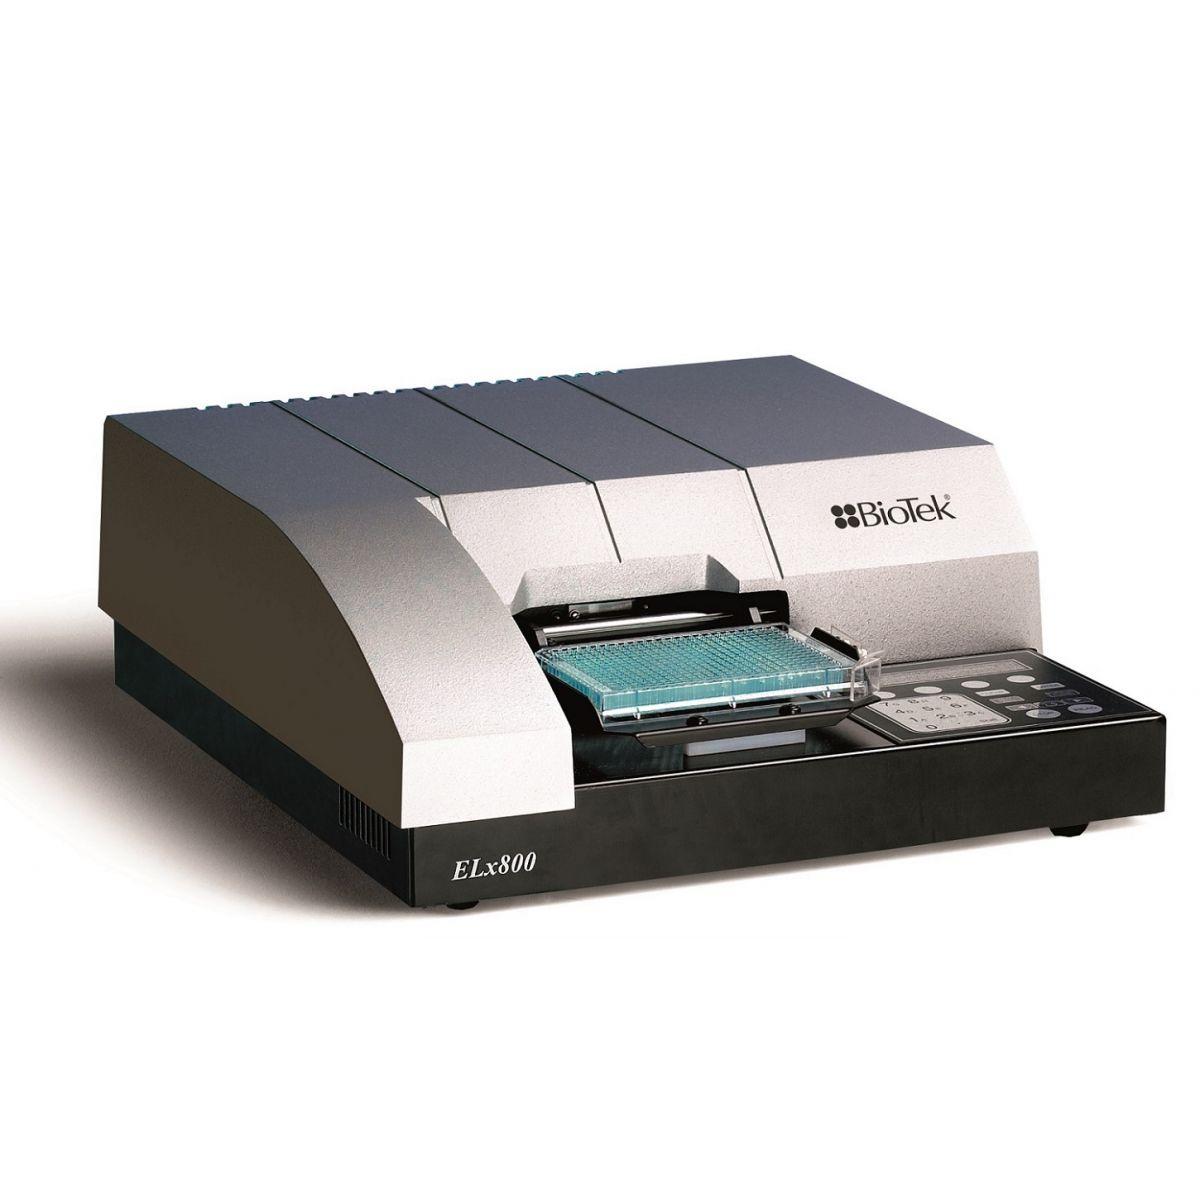 Leitora de absorbância microplacas 6 a 96 poços , faixa UV de 340 nm, com sistema de filtros para seleção de comprimento de onda. Modelo: ELX800UV